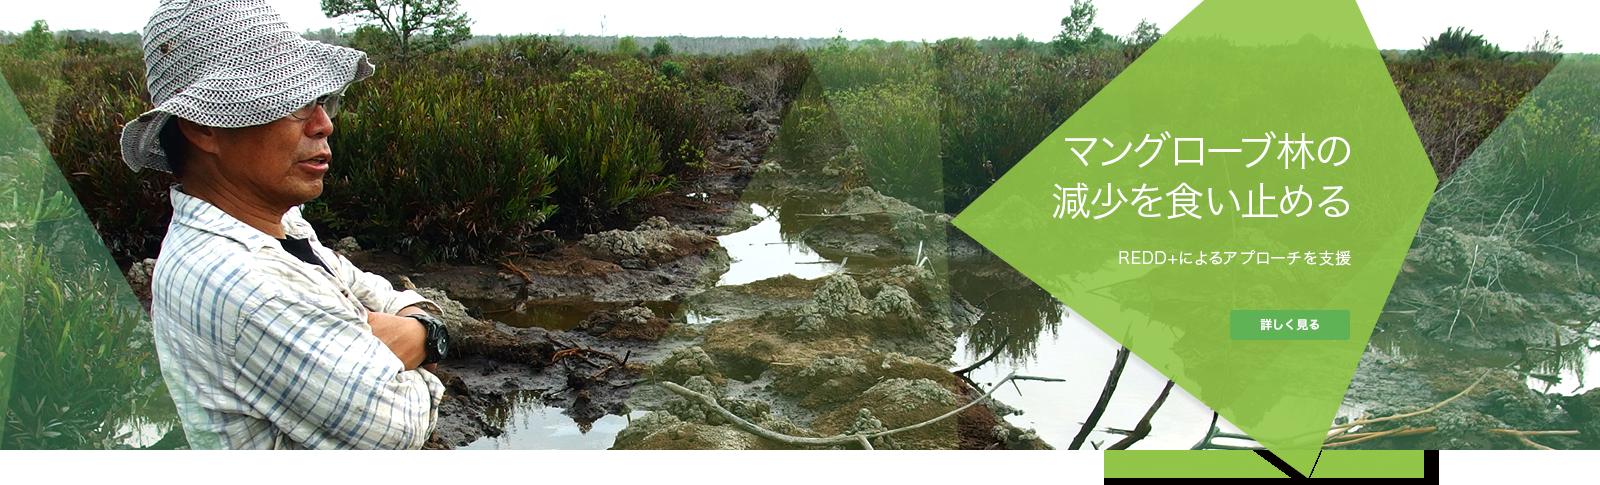 マングローブ林の減少を食い止める